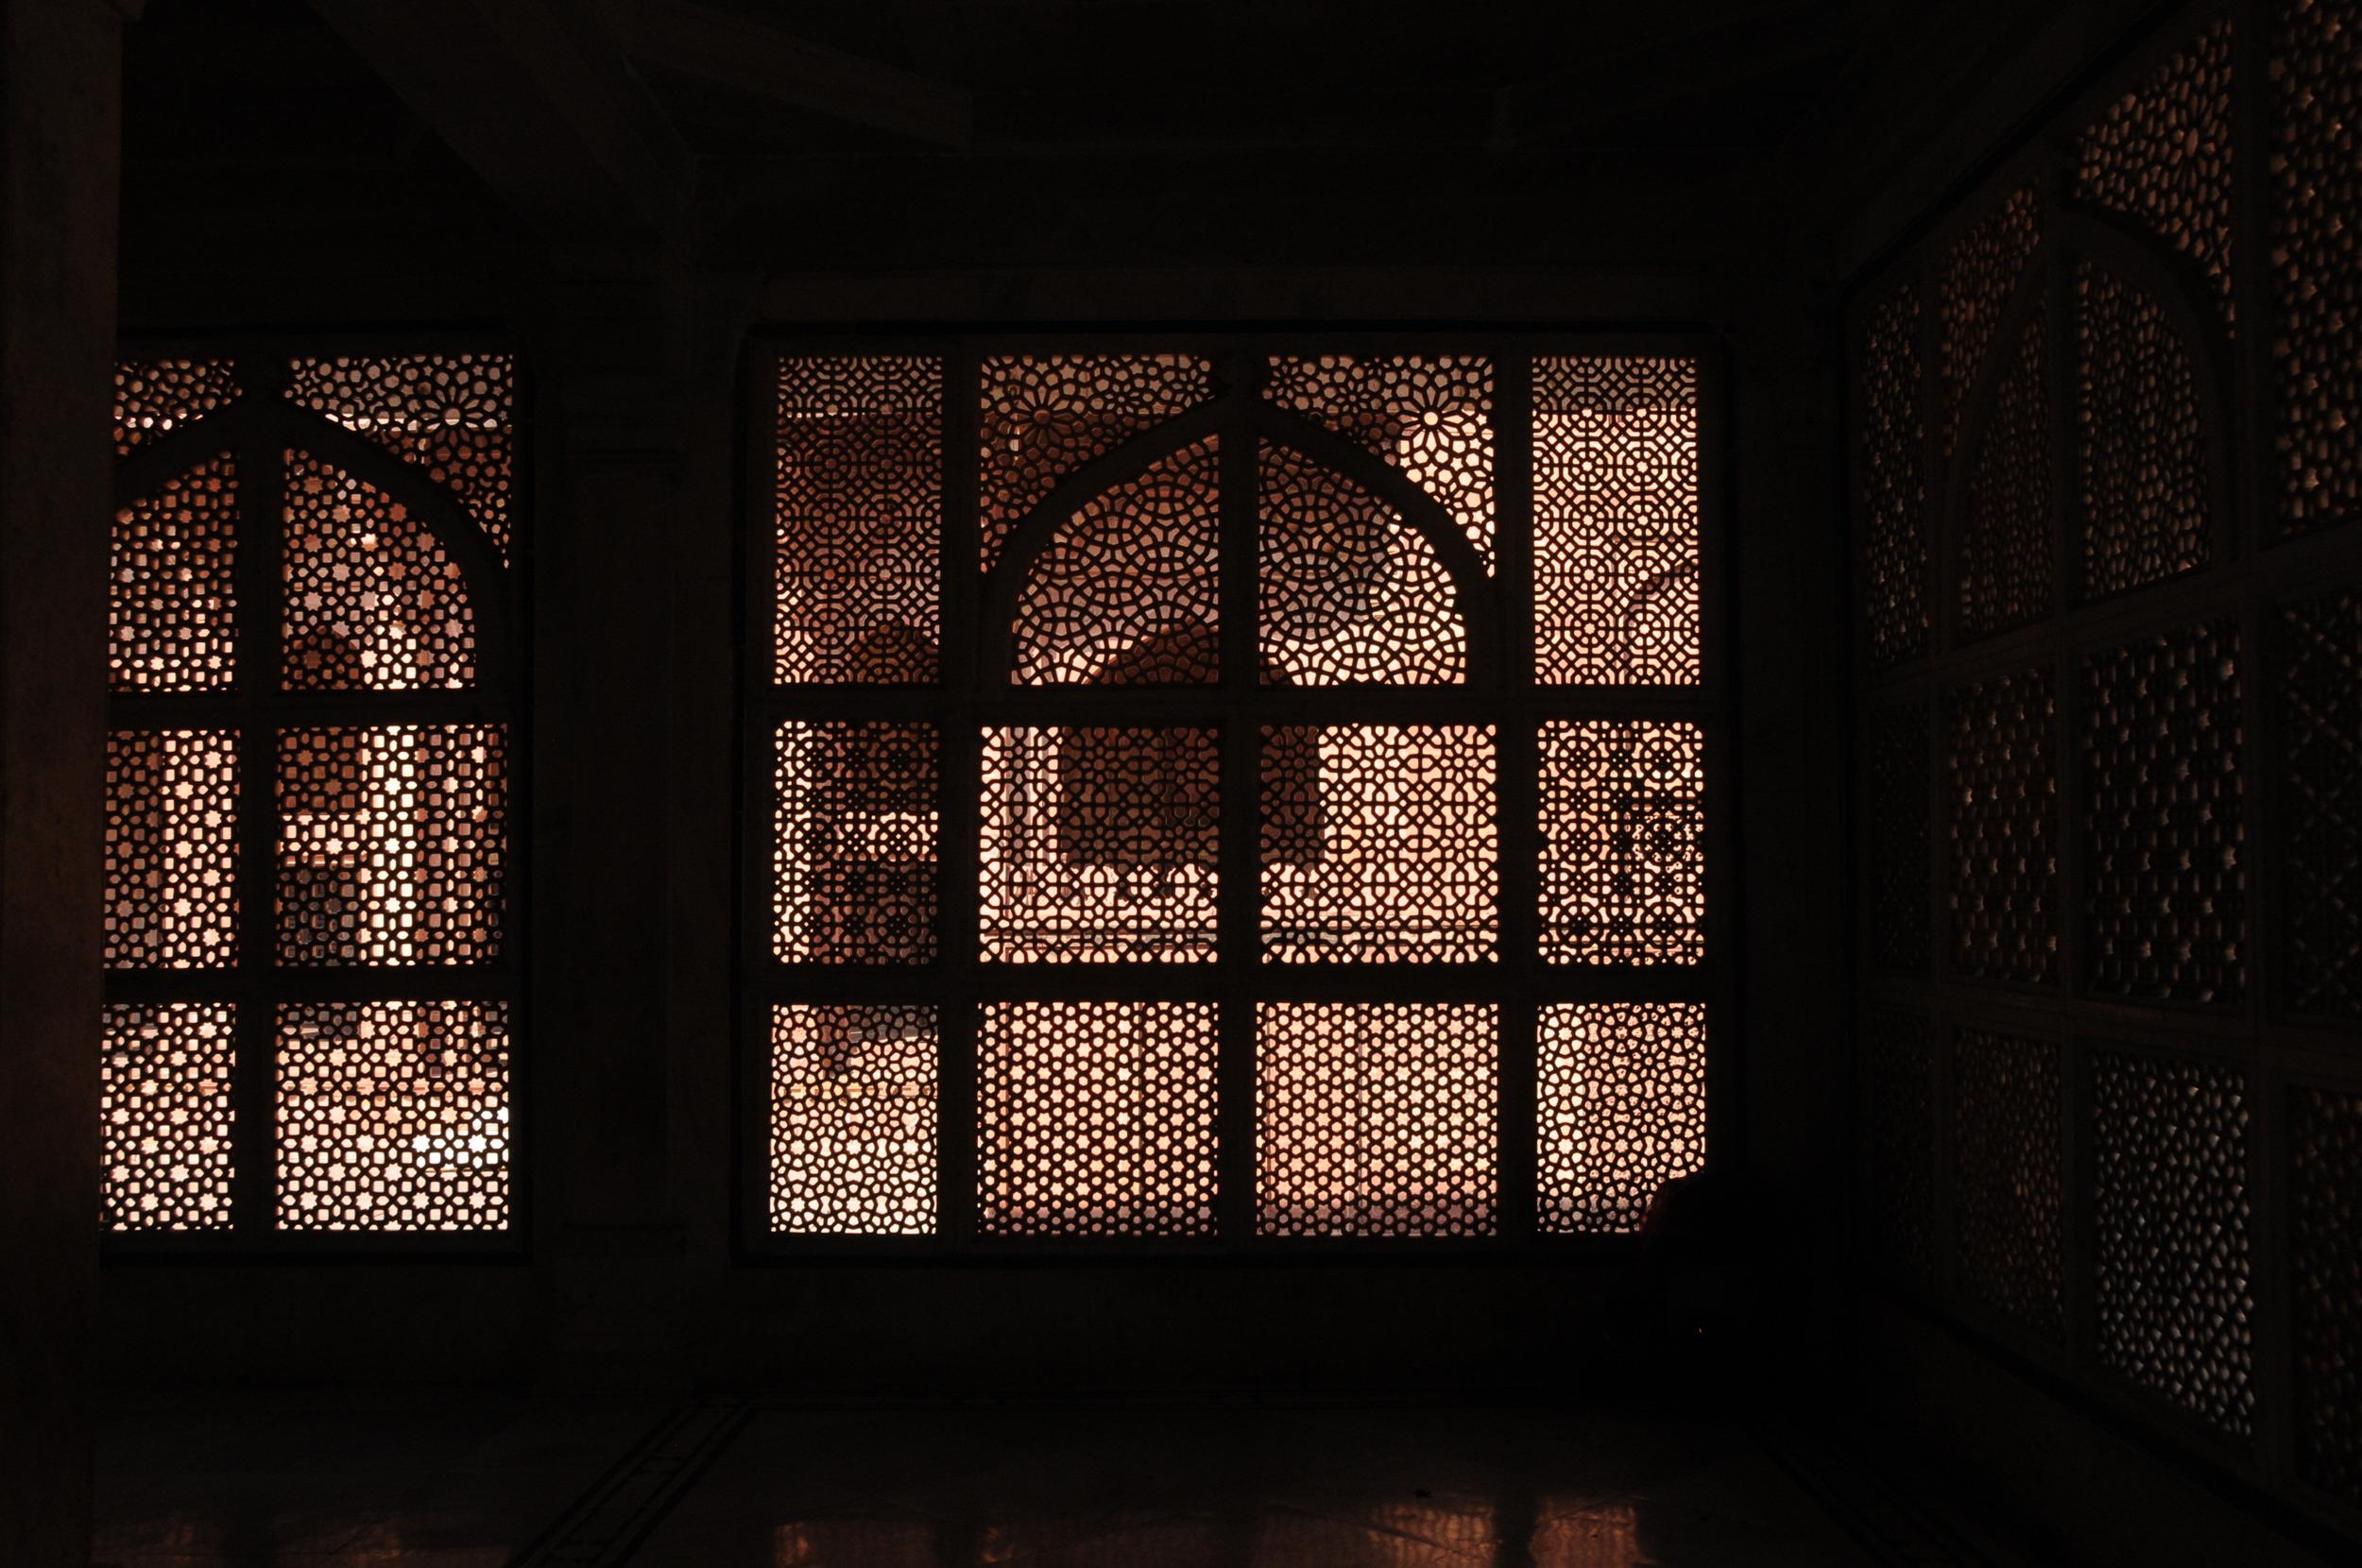 Fatehpur Sikri Photo credit: Shreya Dev Dube